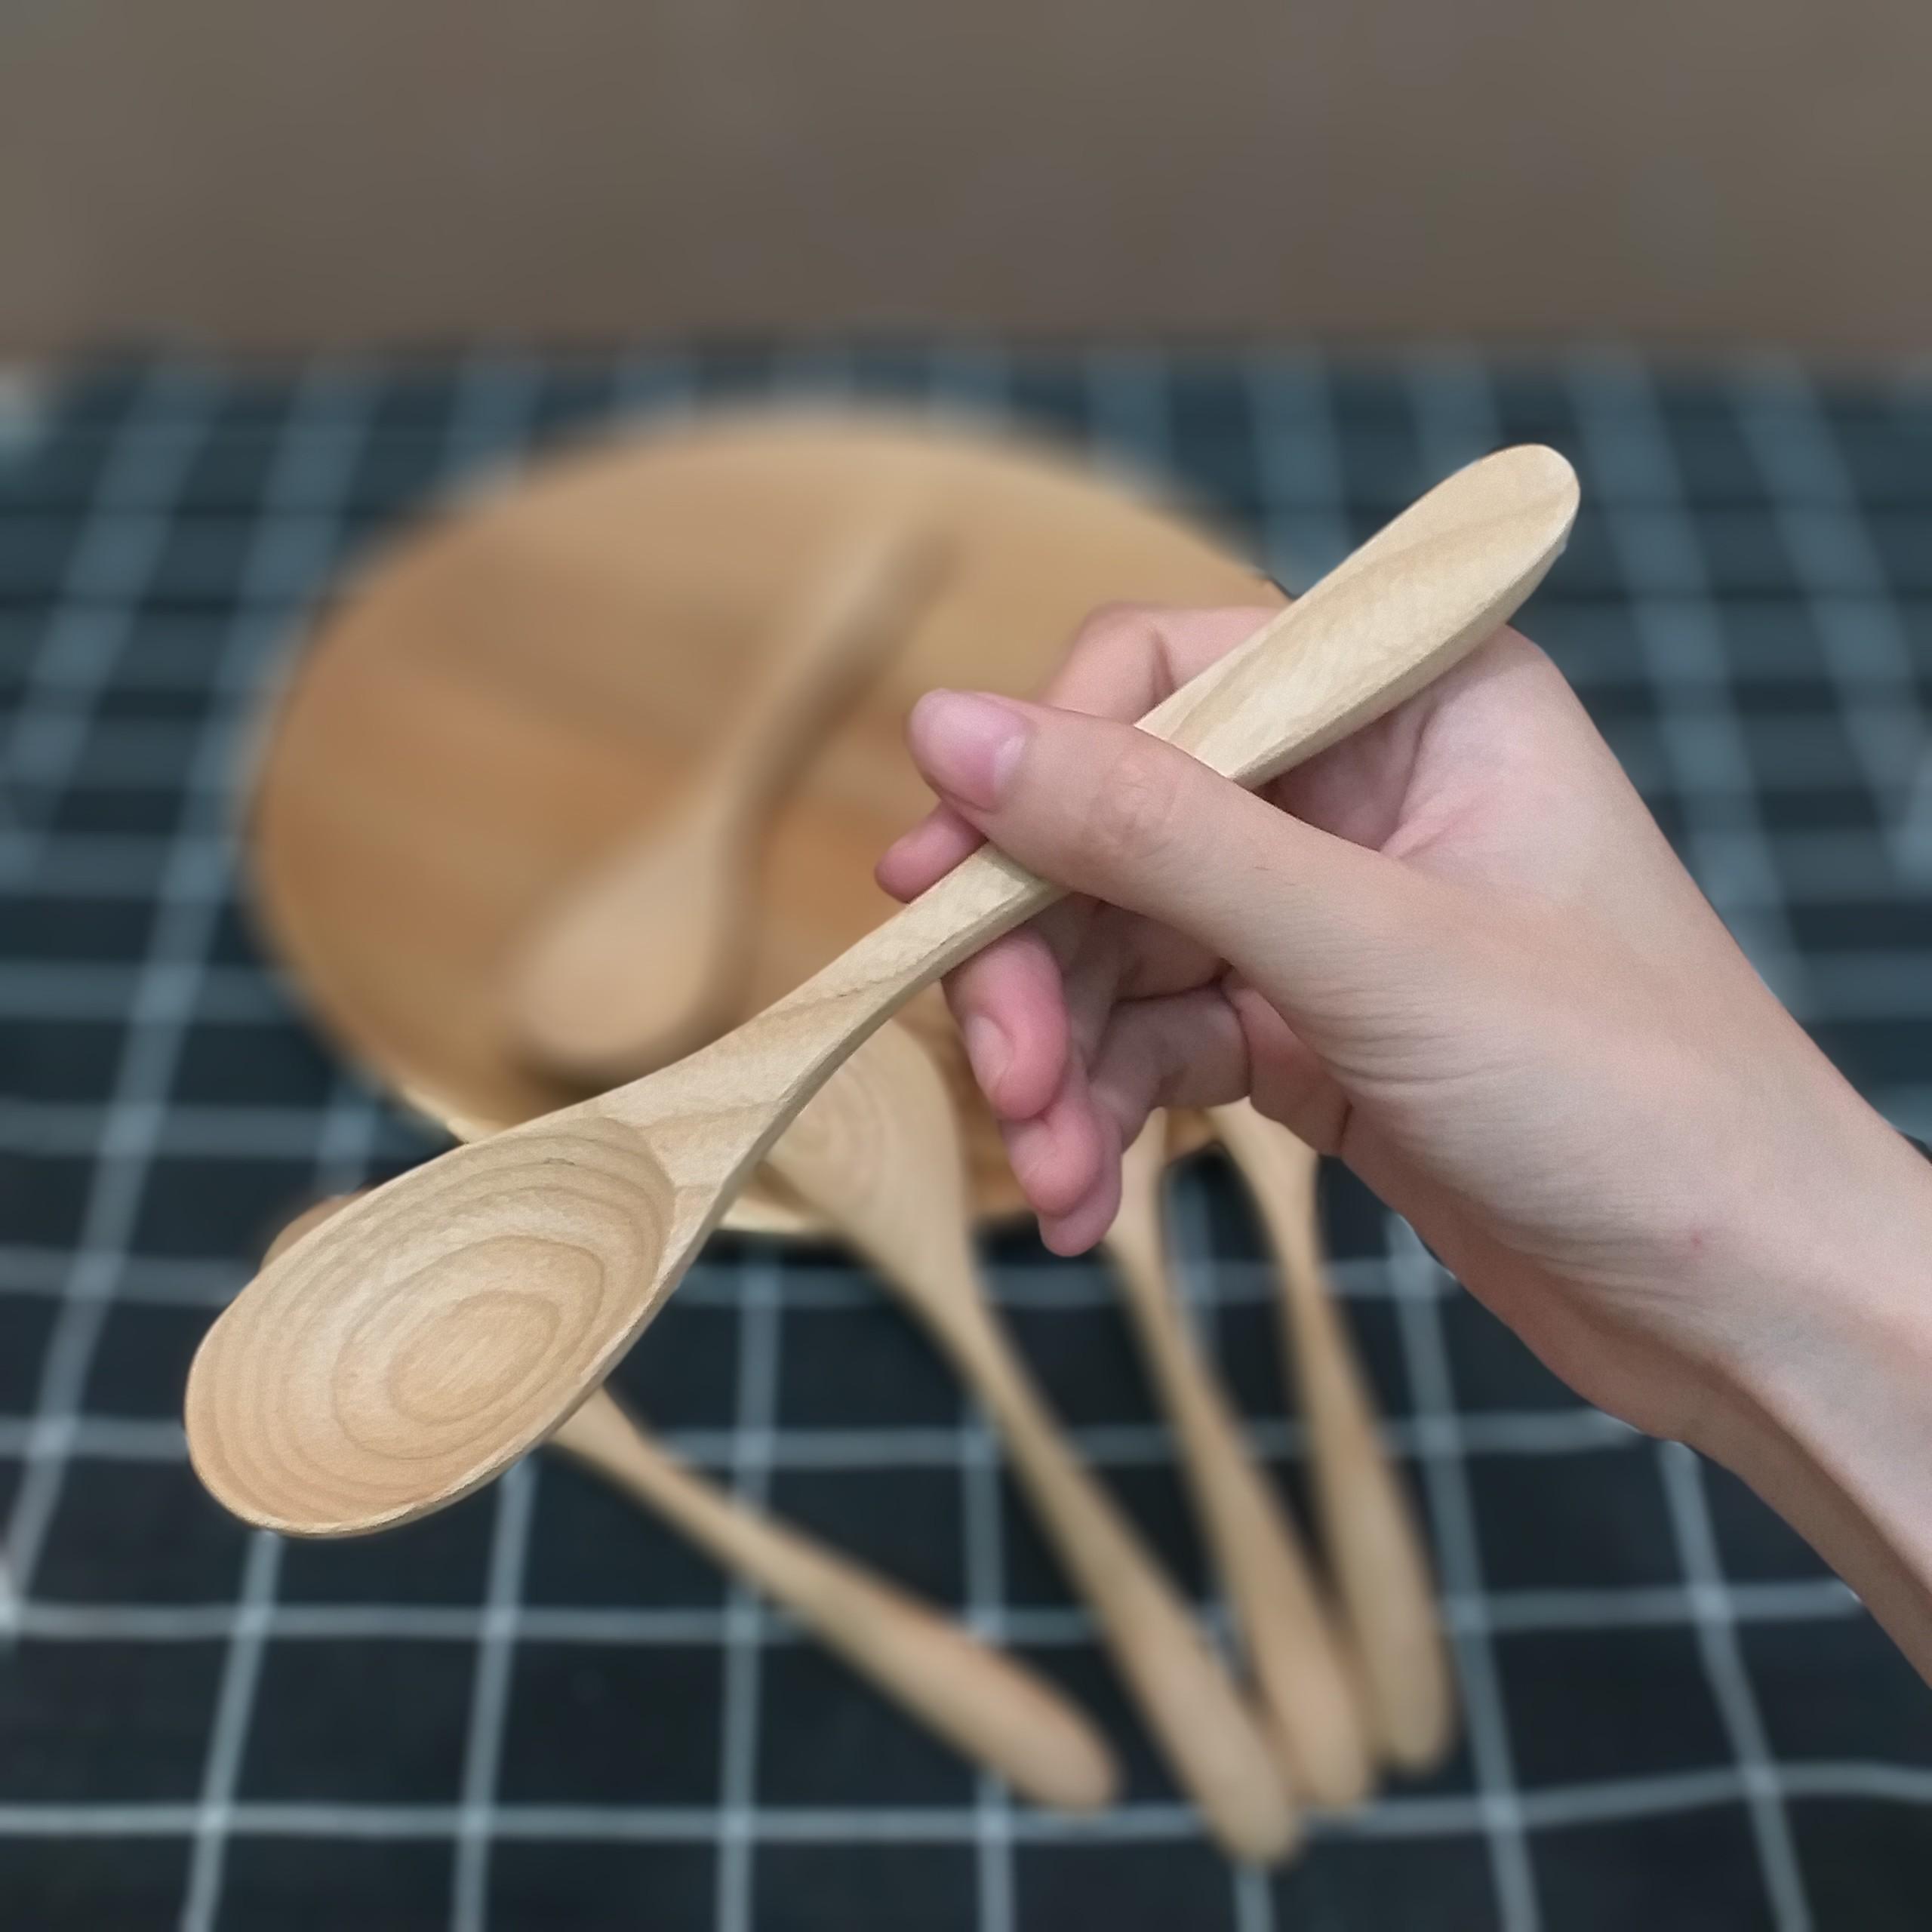 Bộ 6 thìa , muỗng gỗ TẦN BÌ lớn (18cmx4cm) - Đồ Gỗ Bàn Ăn Tiện Dụng (TB6)